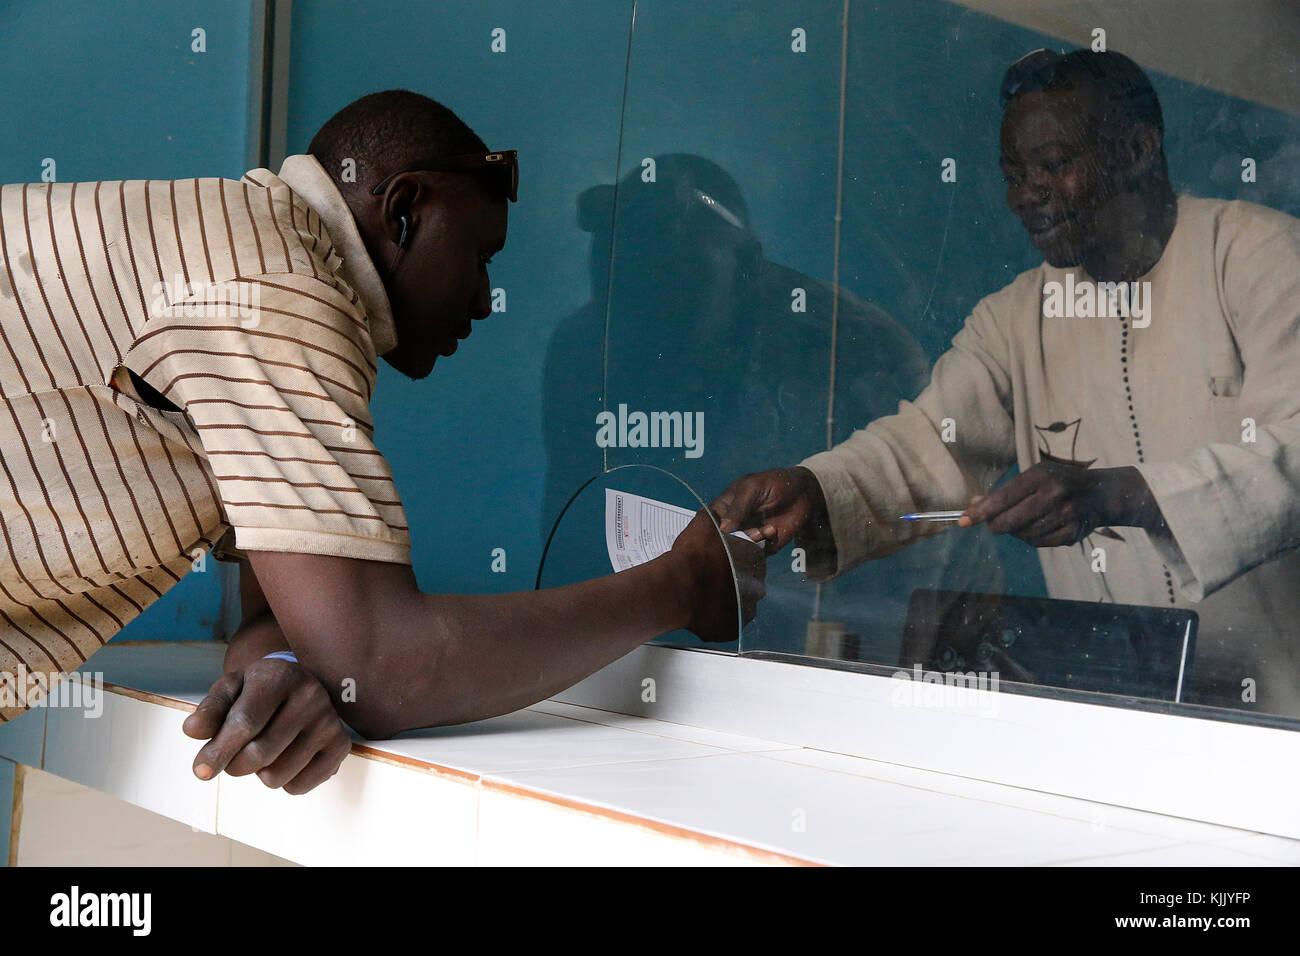 Mikrofinanzinstitution Niederlassung. Client. Senegal. Stockbild